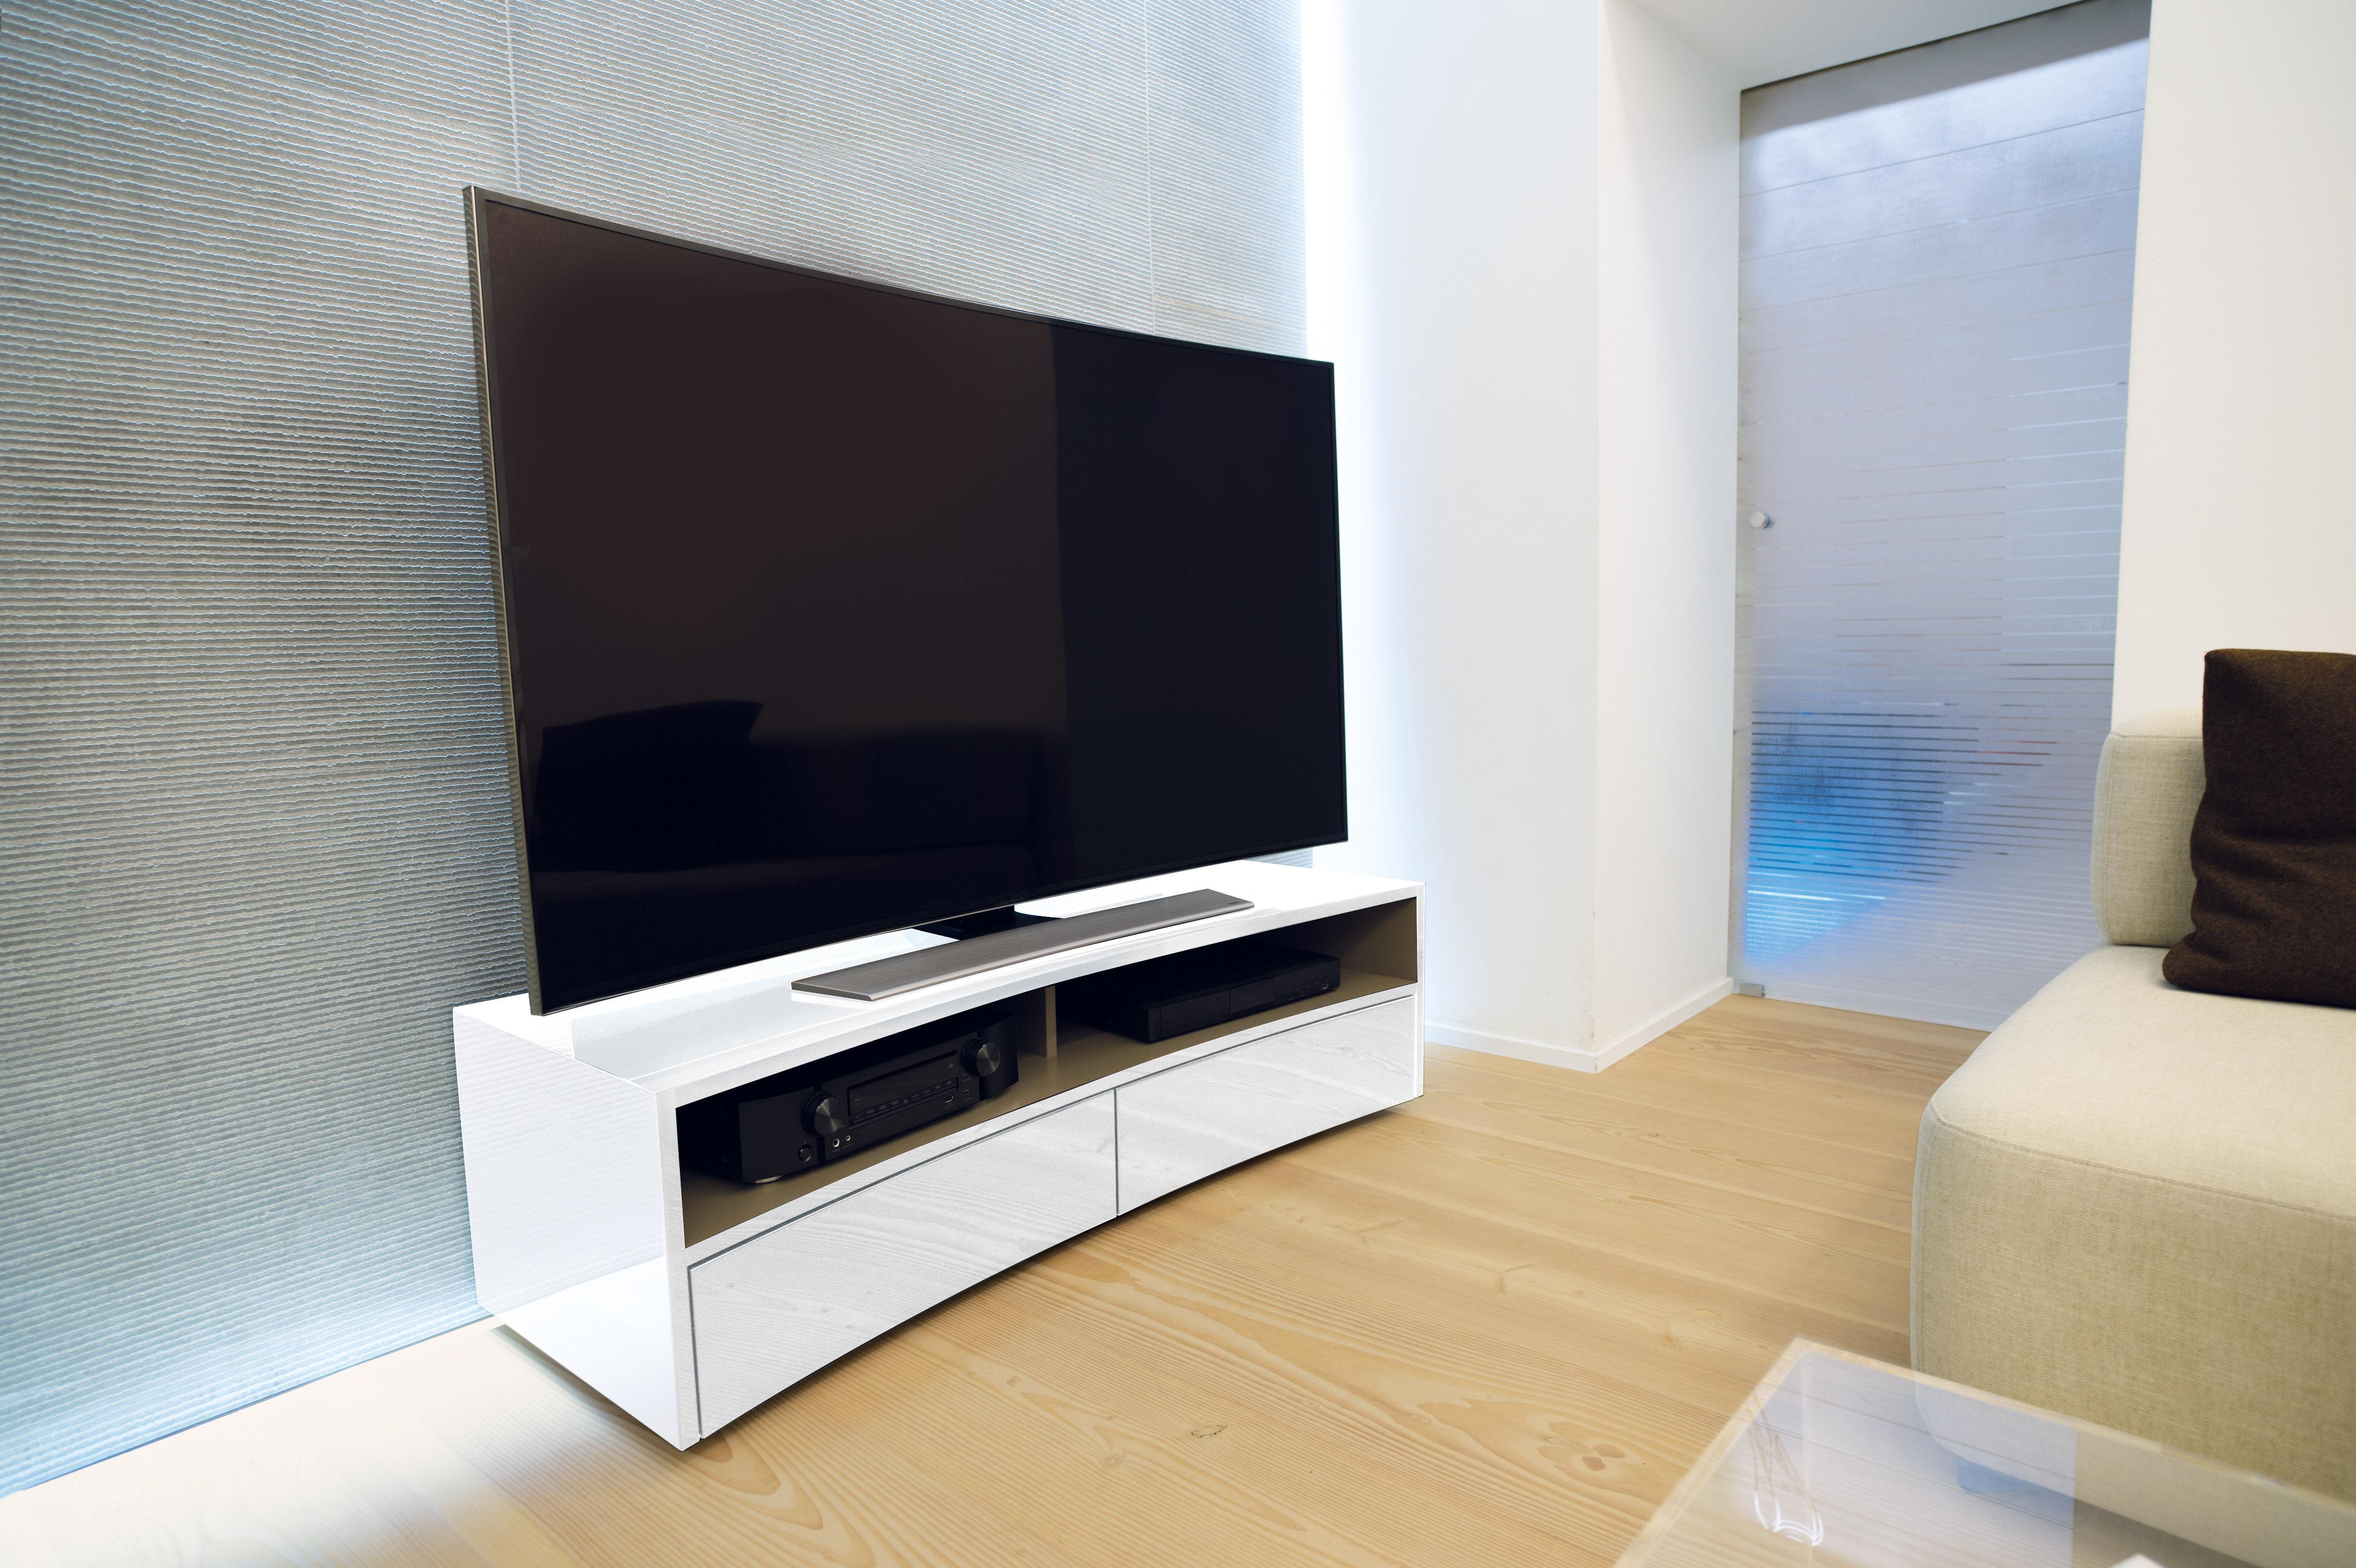 meuble tv valmy pour cran incurv l 150 cm noir norstone. Black Bedroom Furniture Sets. Home Design Ideas